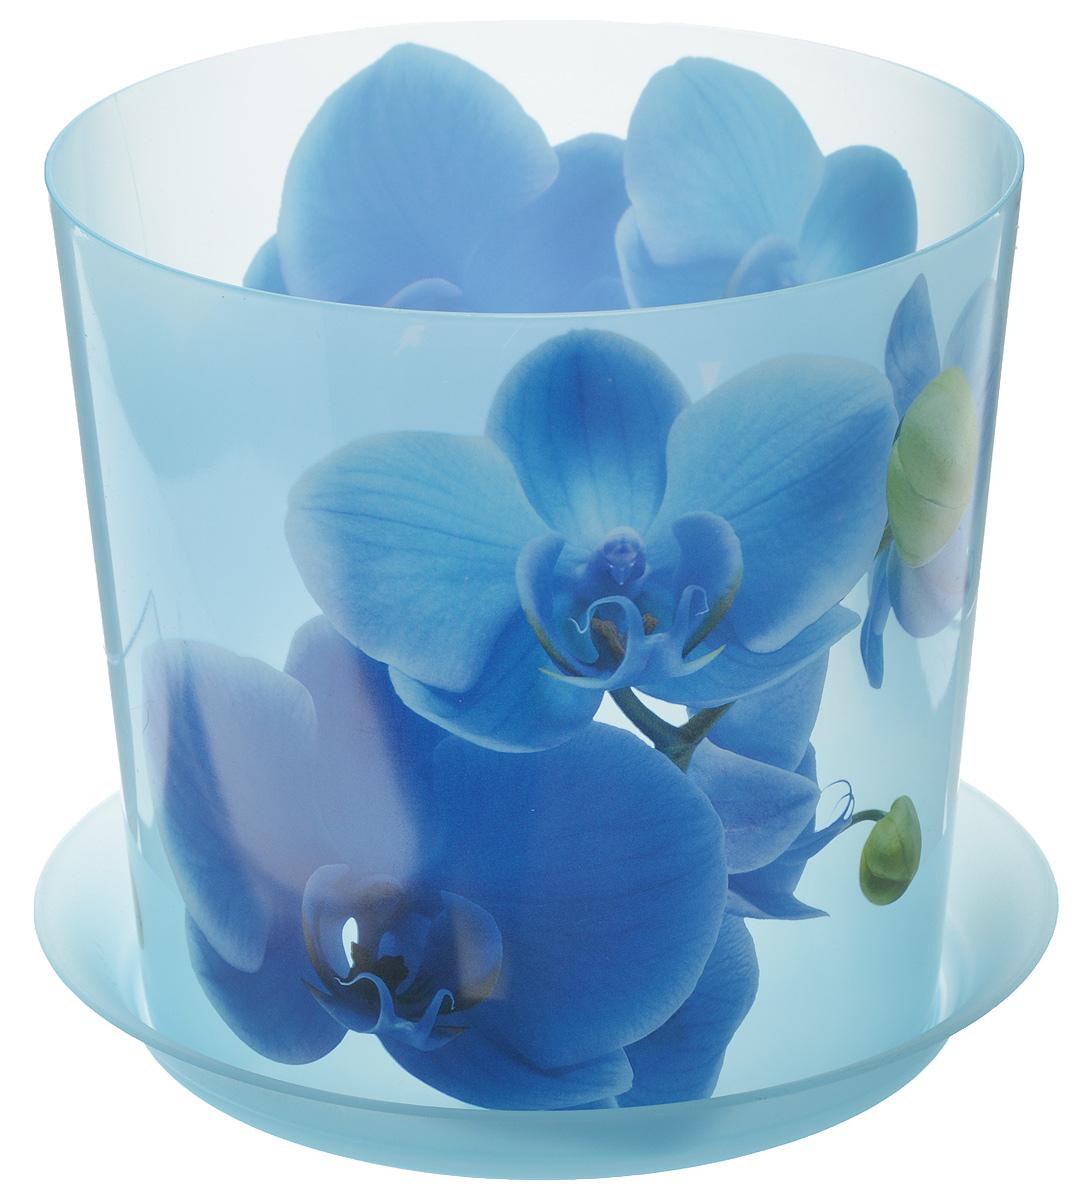 Кашпо Idea Деко, с подставкой, цвет: голубой, 2,4 л ершик для унитаза idea лотос деко барокко с подставкой высота 36 см